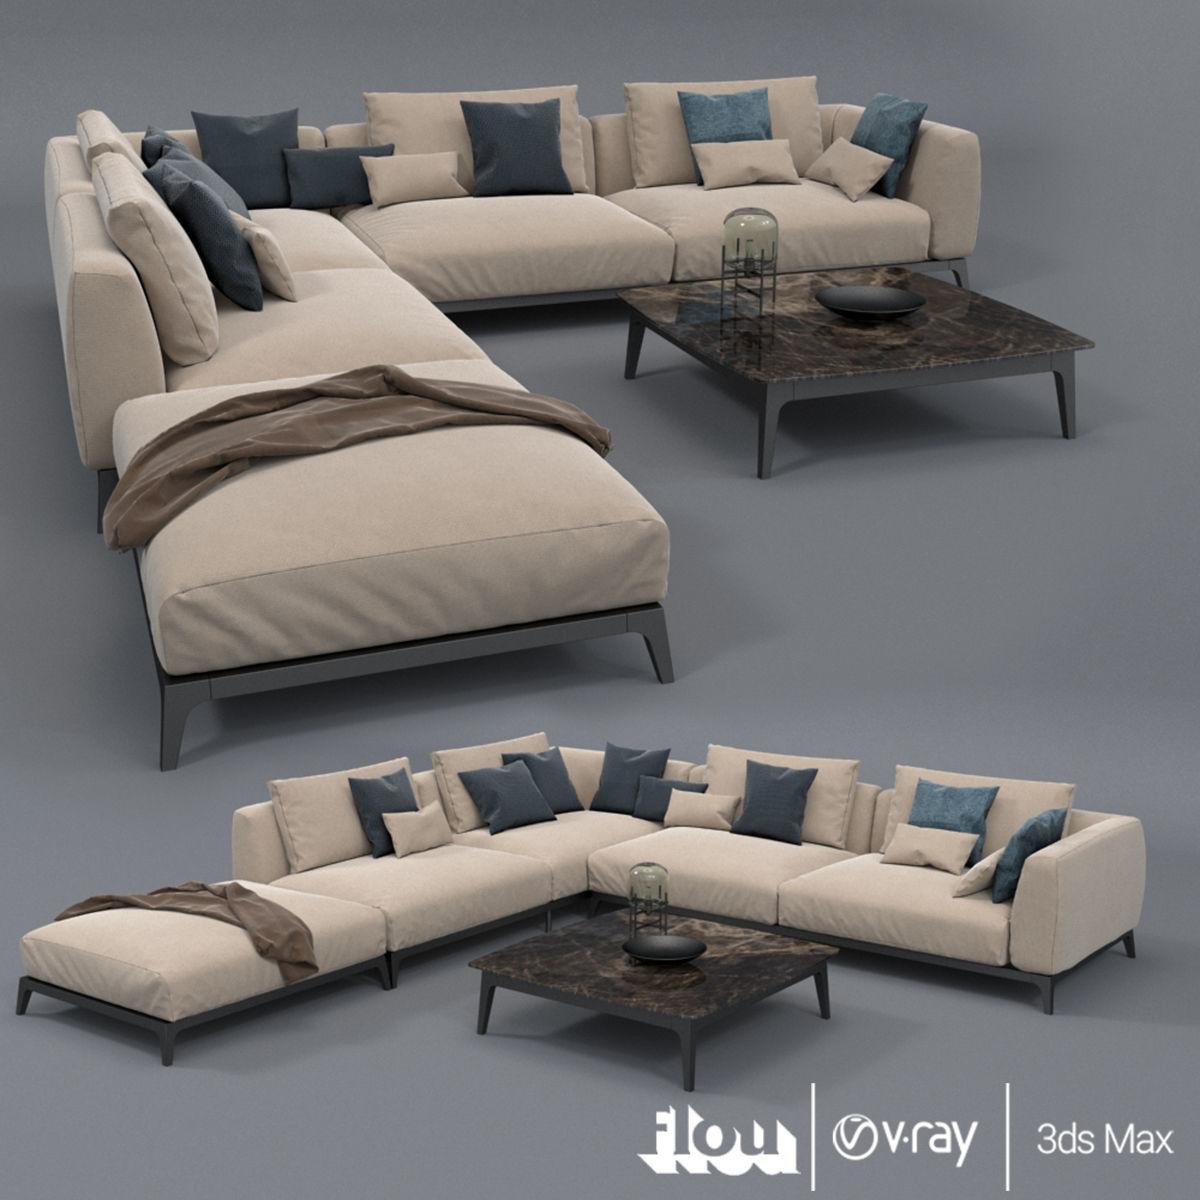 Incredible Flou Branding Olivier Sofa Set 3D Model Inzonedesignstudio Interior Chair Design Inzonedesignstudiocom